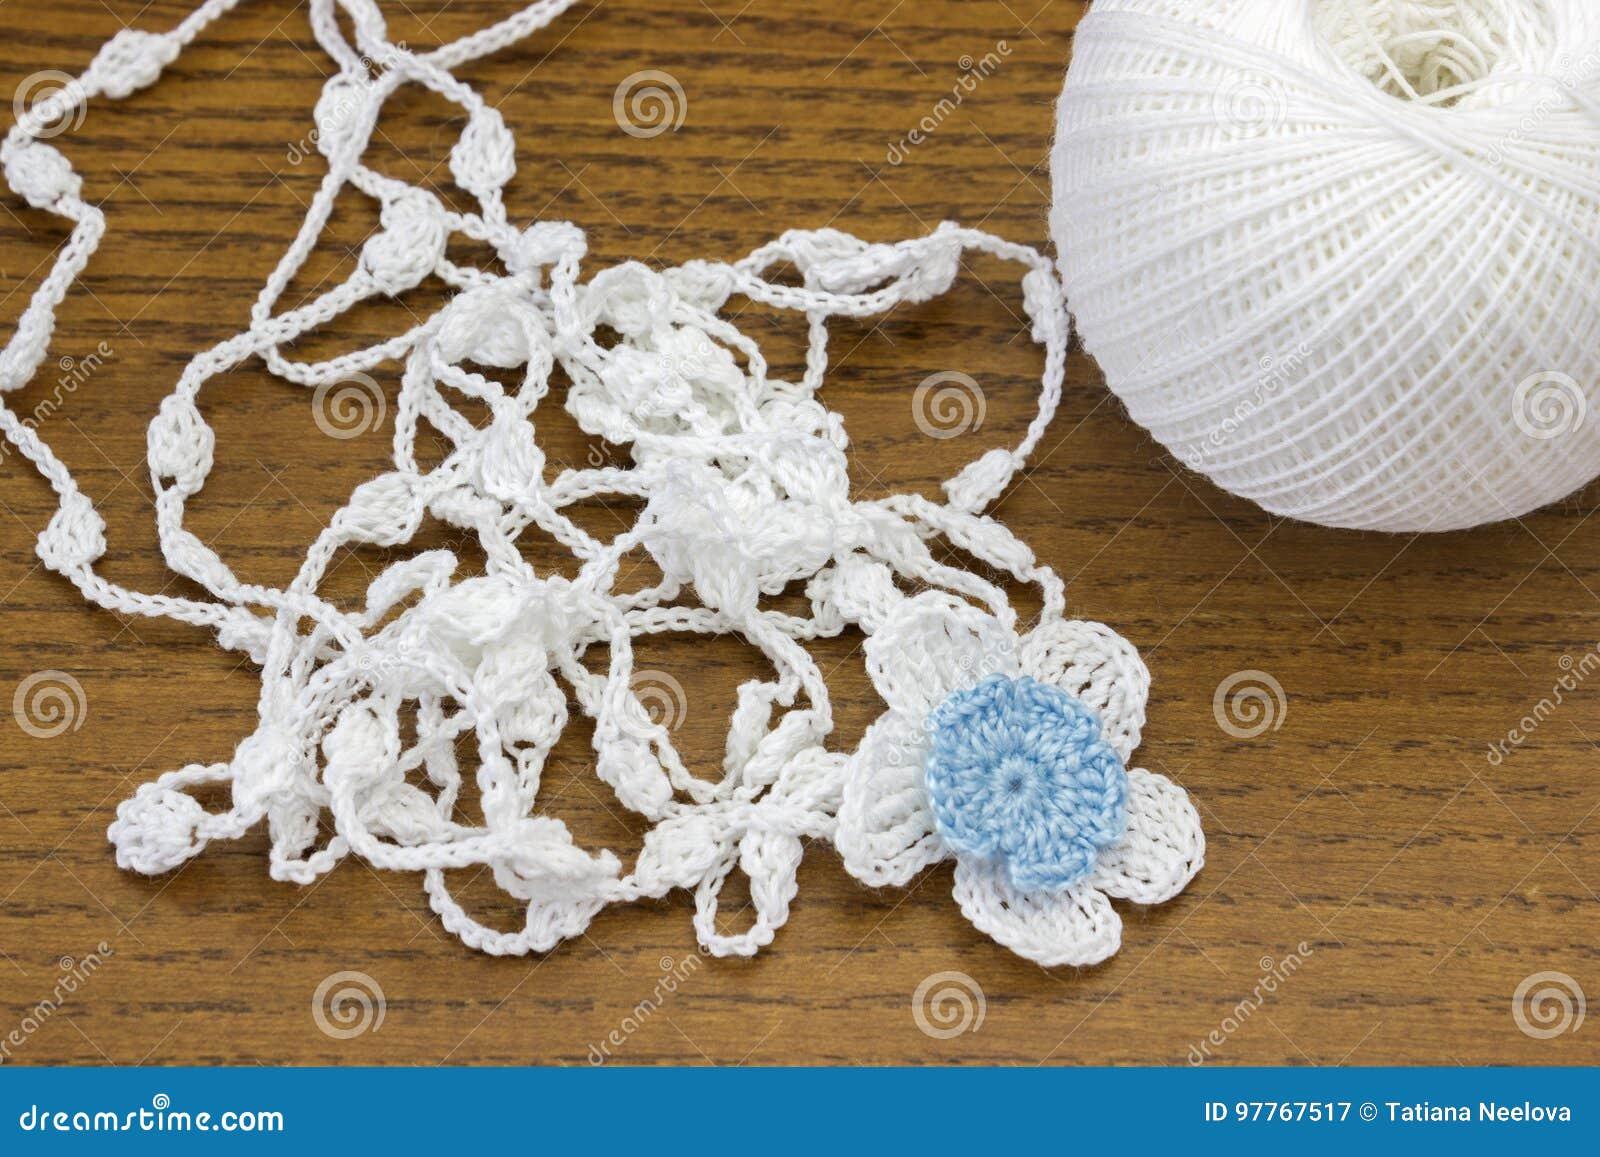 Fatto A Mano Lavori Alluncinetto La Catena Di Bianco E Un Fiore Blu